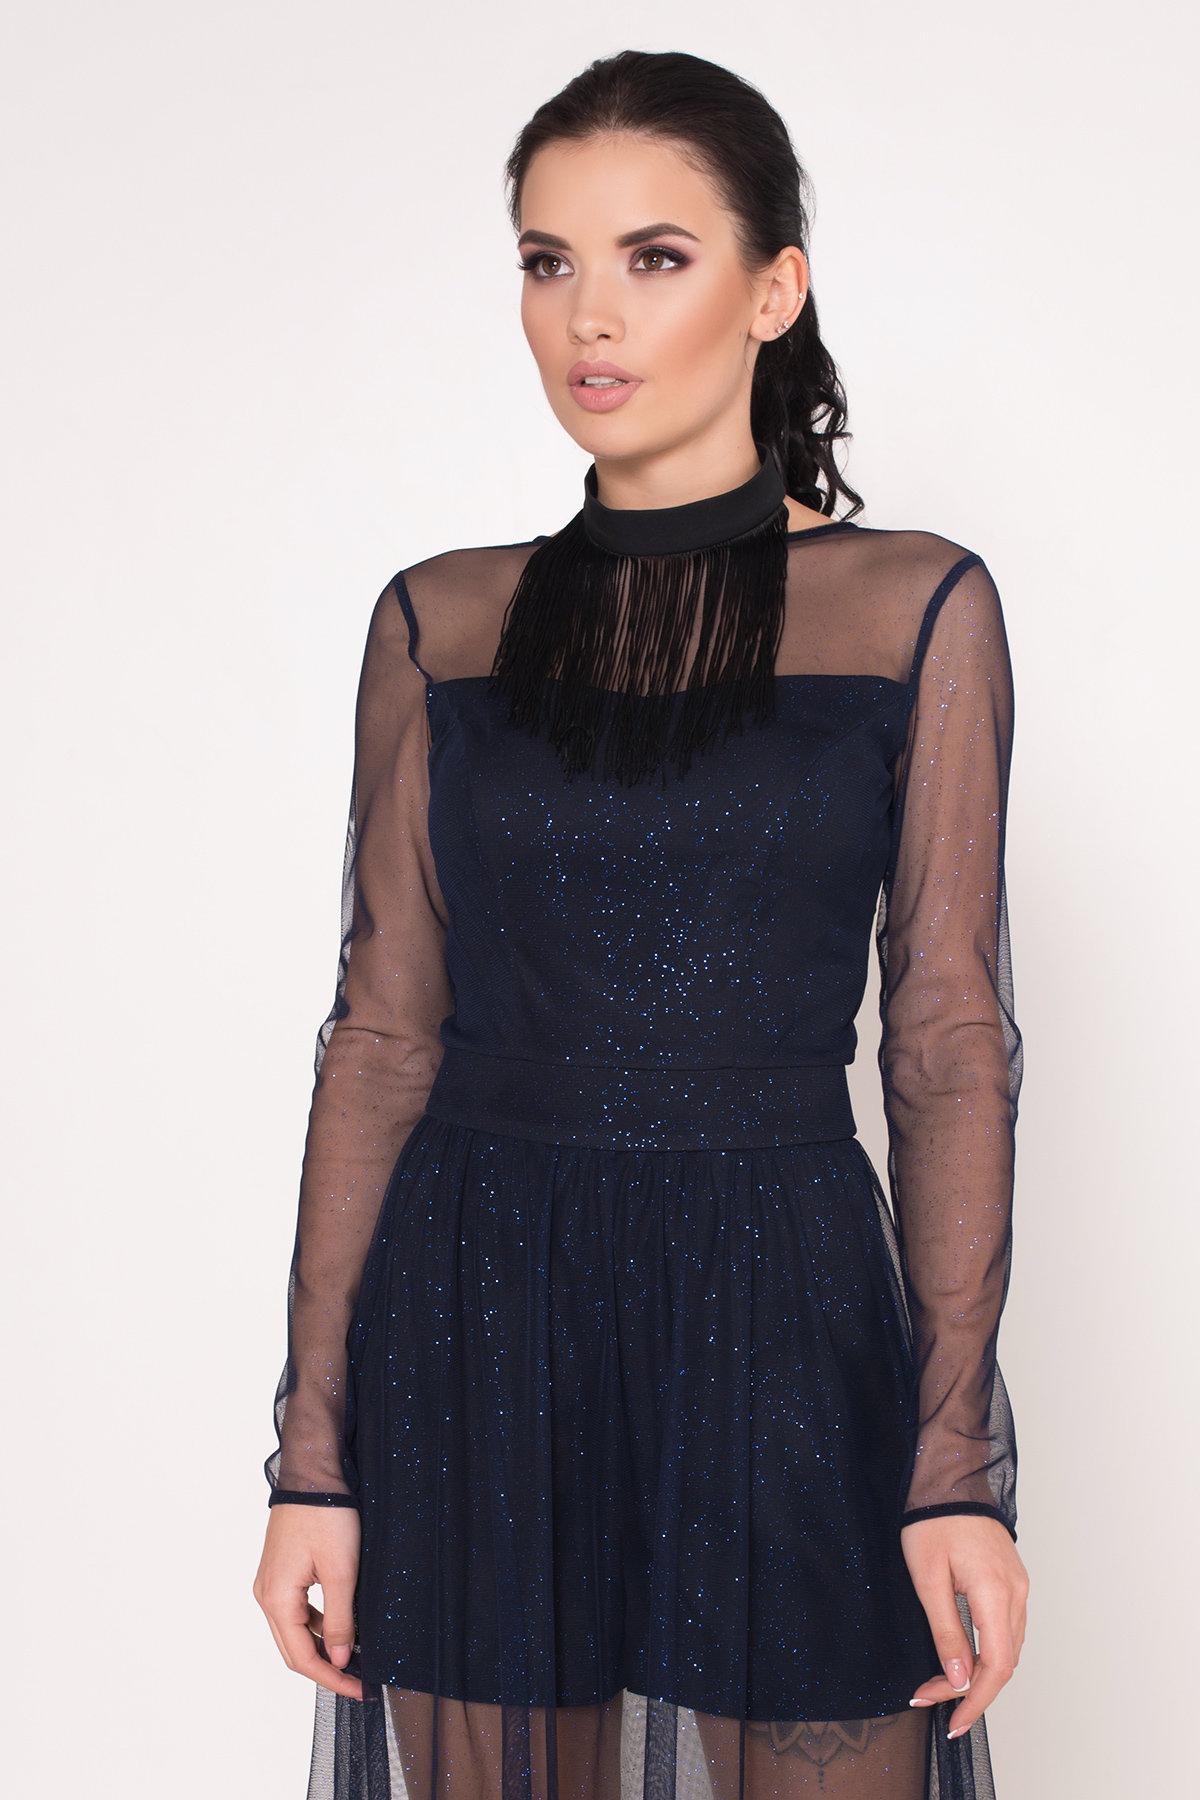 Платье-комбинезон Астия 8556 АРТ. 44951 Цвет: Черный/т.синий/электрик - фото 8, интернет магазин tm-modus.ru